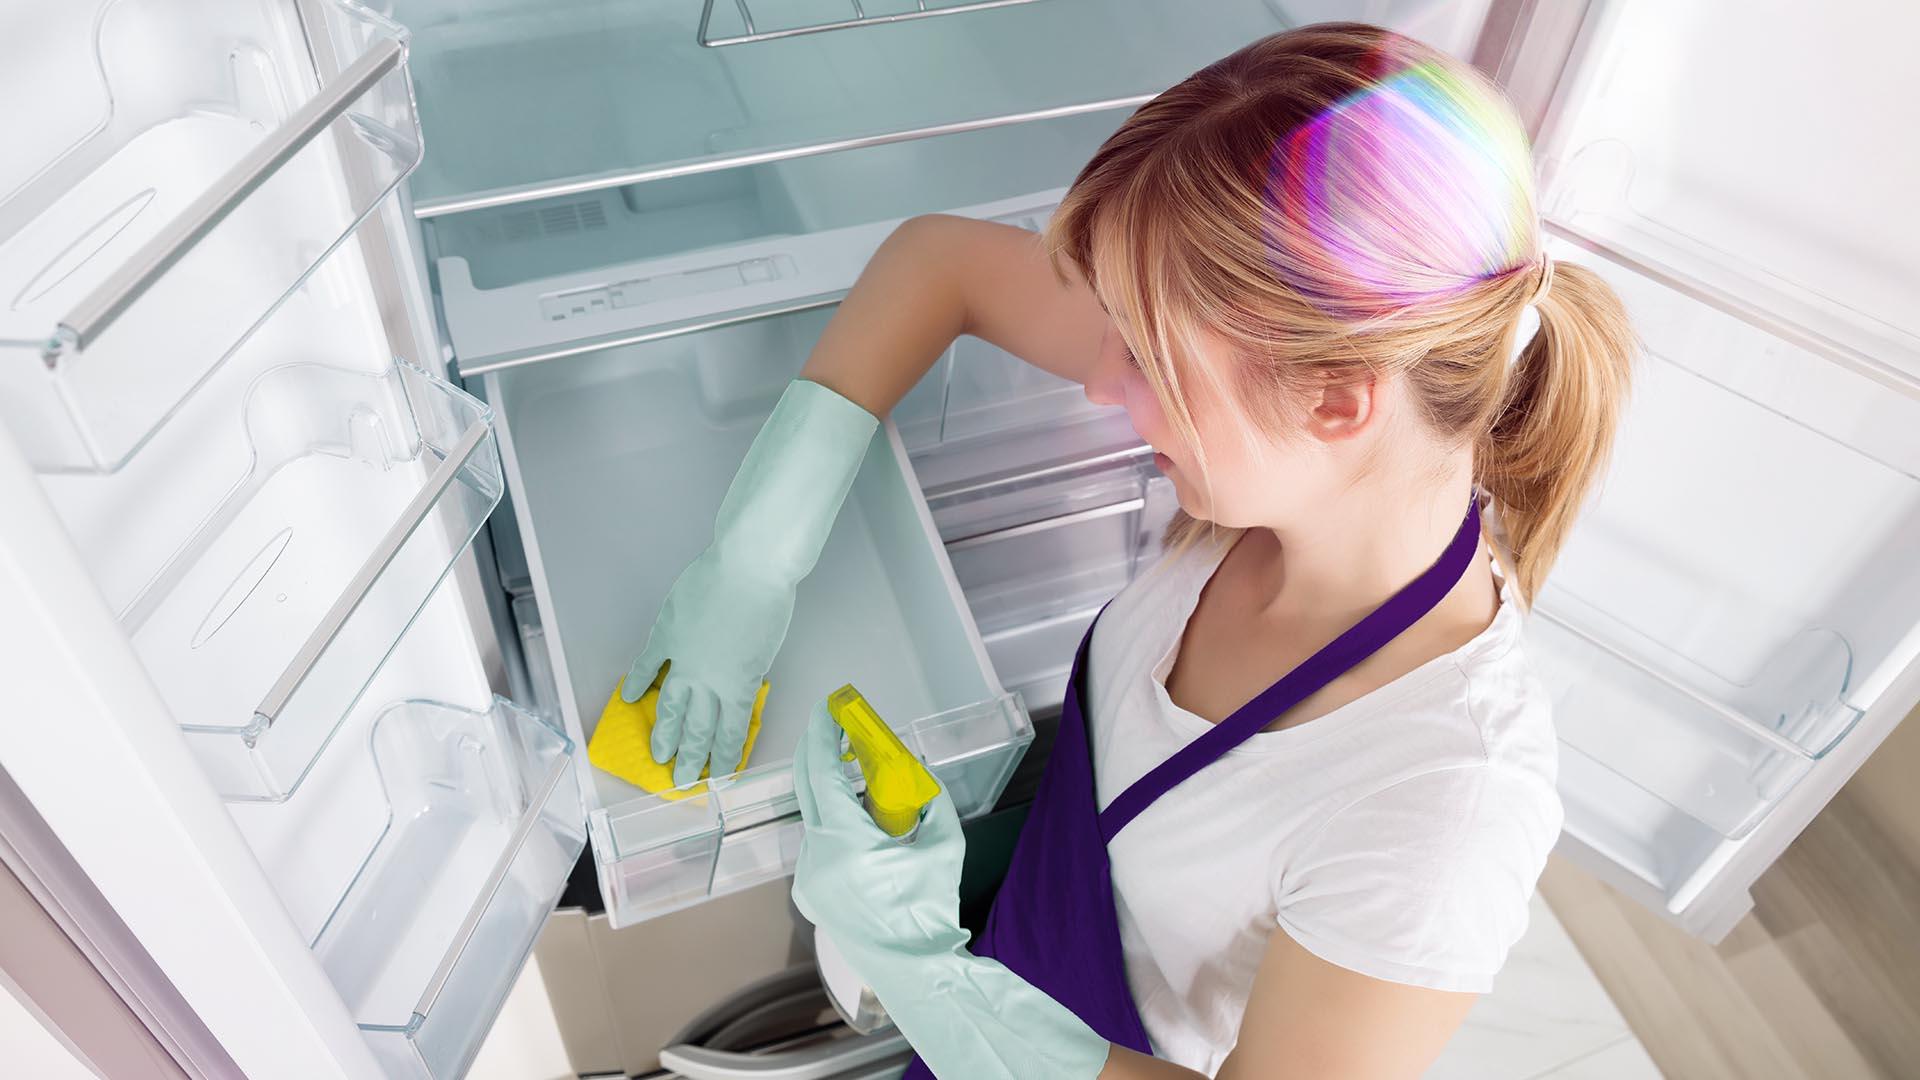 Gorenje Kühlschrank Gefrierfach Abtauen : Gefrierschrank abtauen spachtel zum gefrierschrank abtauen